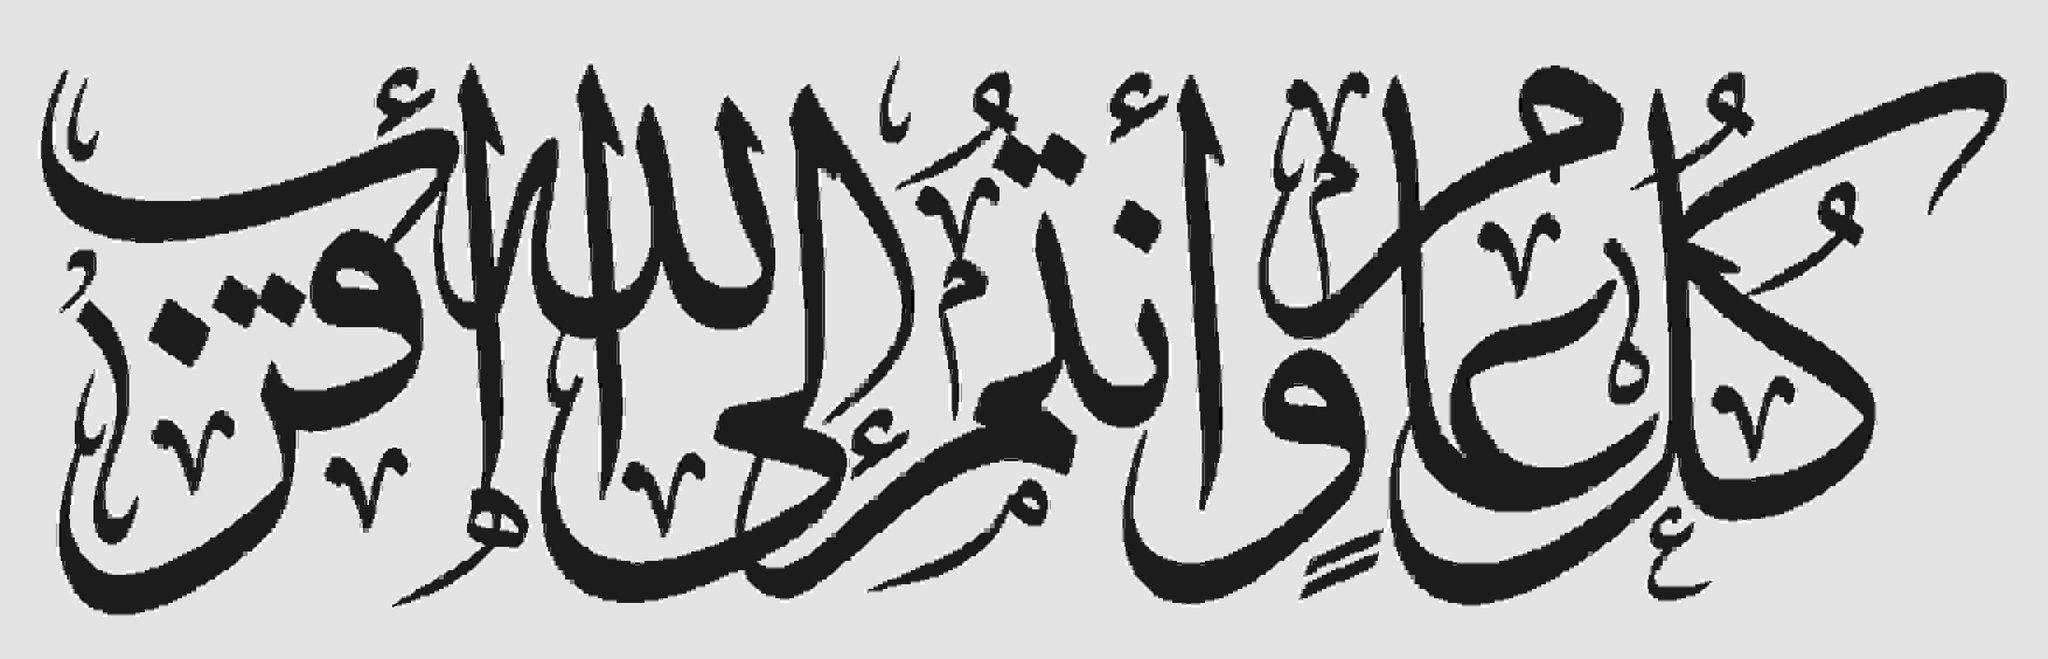 تطبيق دعاء Auf Twitter كل عام وانتم الى الله اقرب وعلى